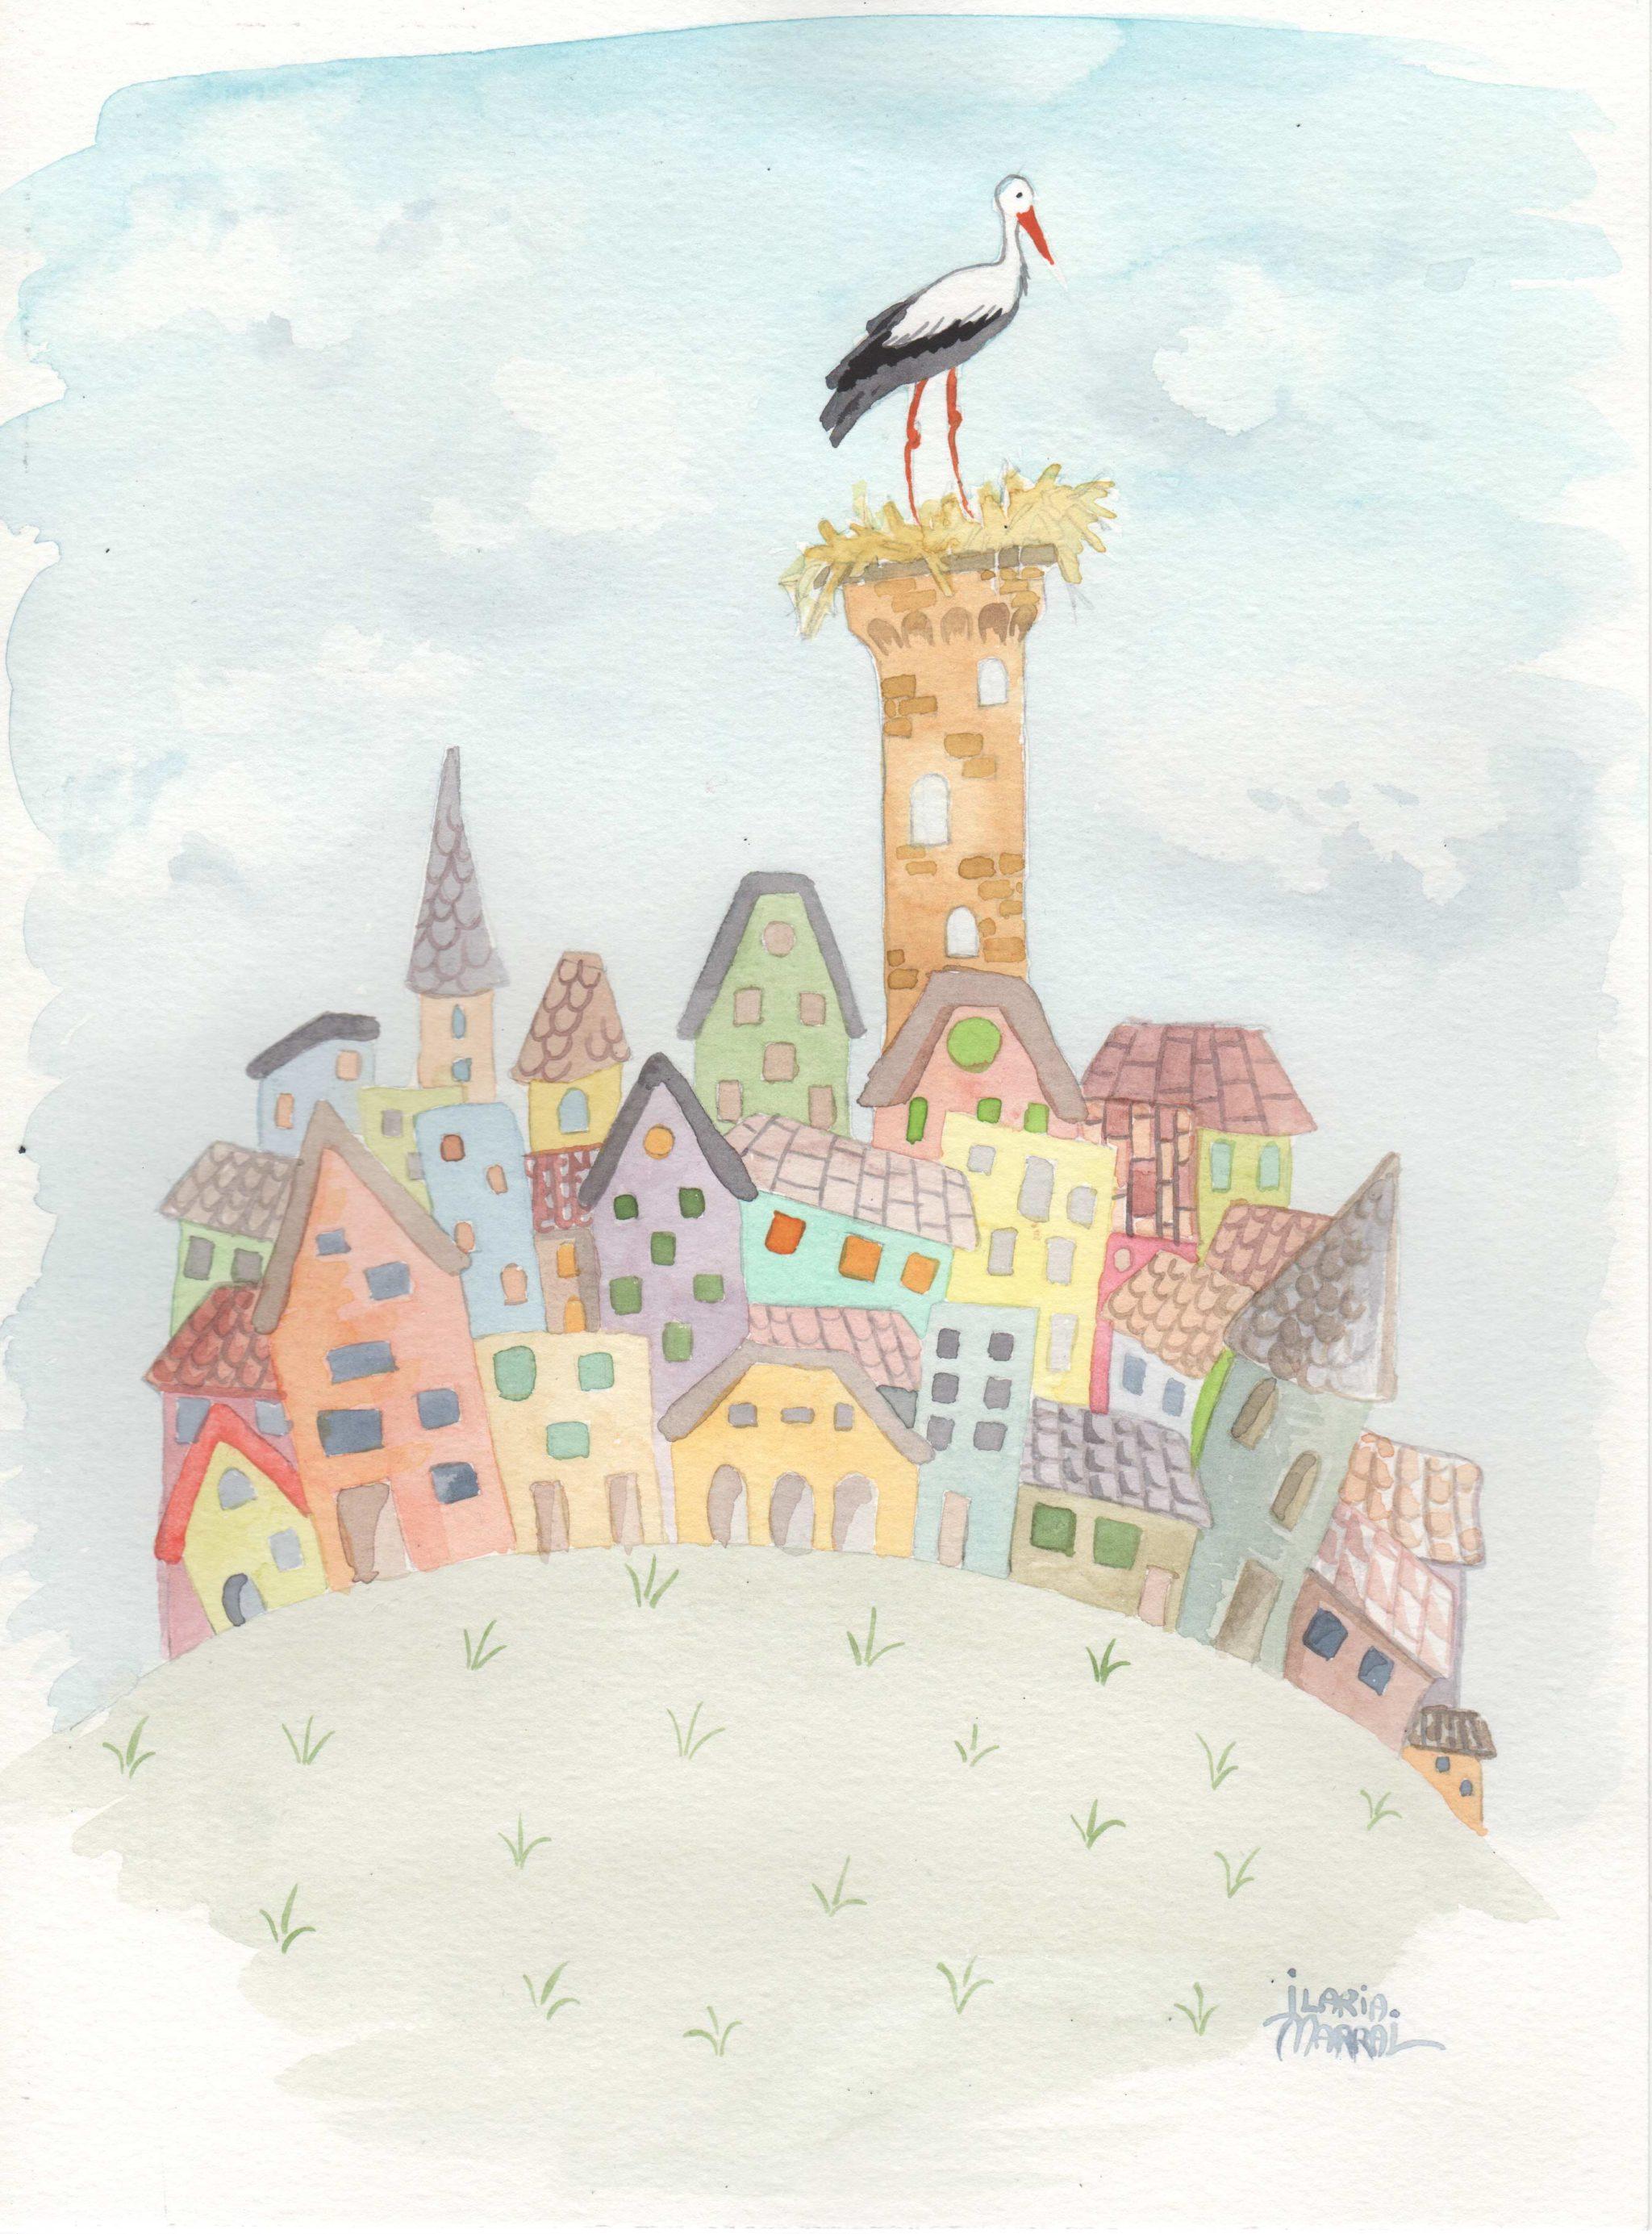 una cicogna fa il nido in cima a una torre